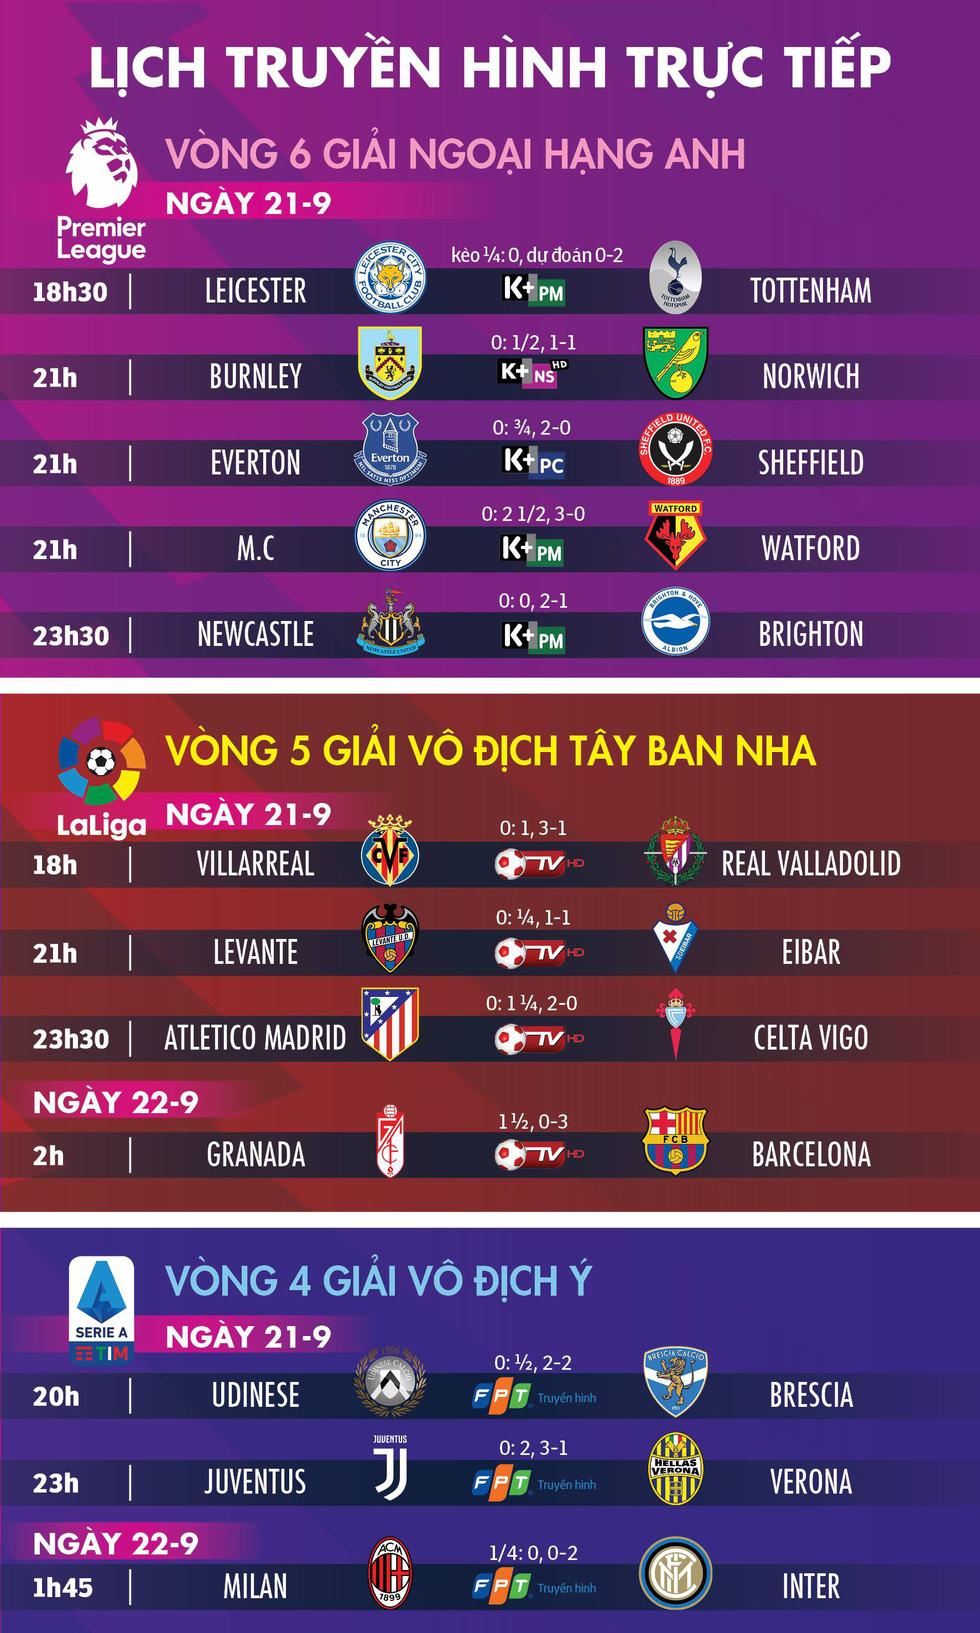 Lịch trực tiếp, kèo nhà cái và dự đoán các trận đấu bóng đá ngày 21 và 22-9 - Ảnh 1.